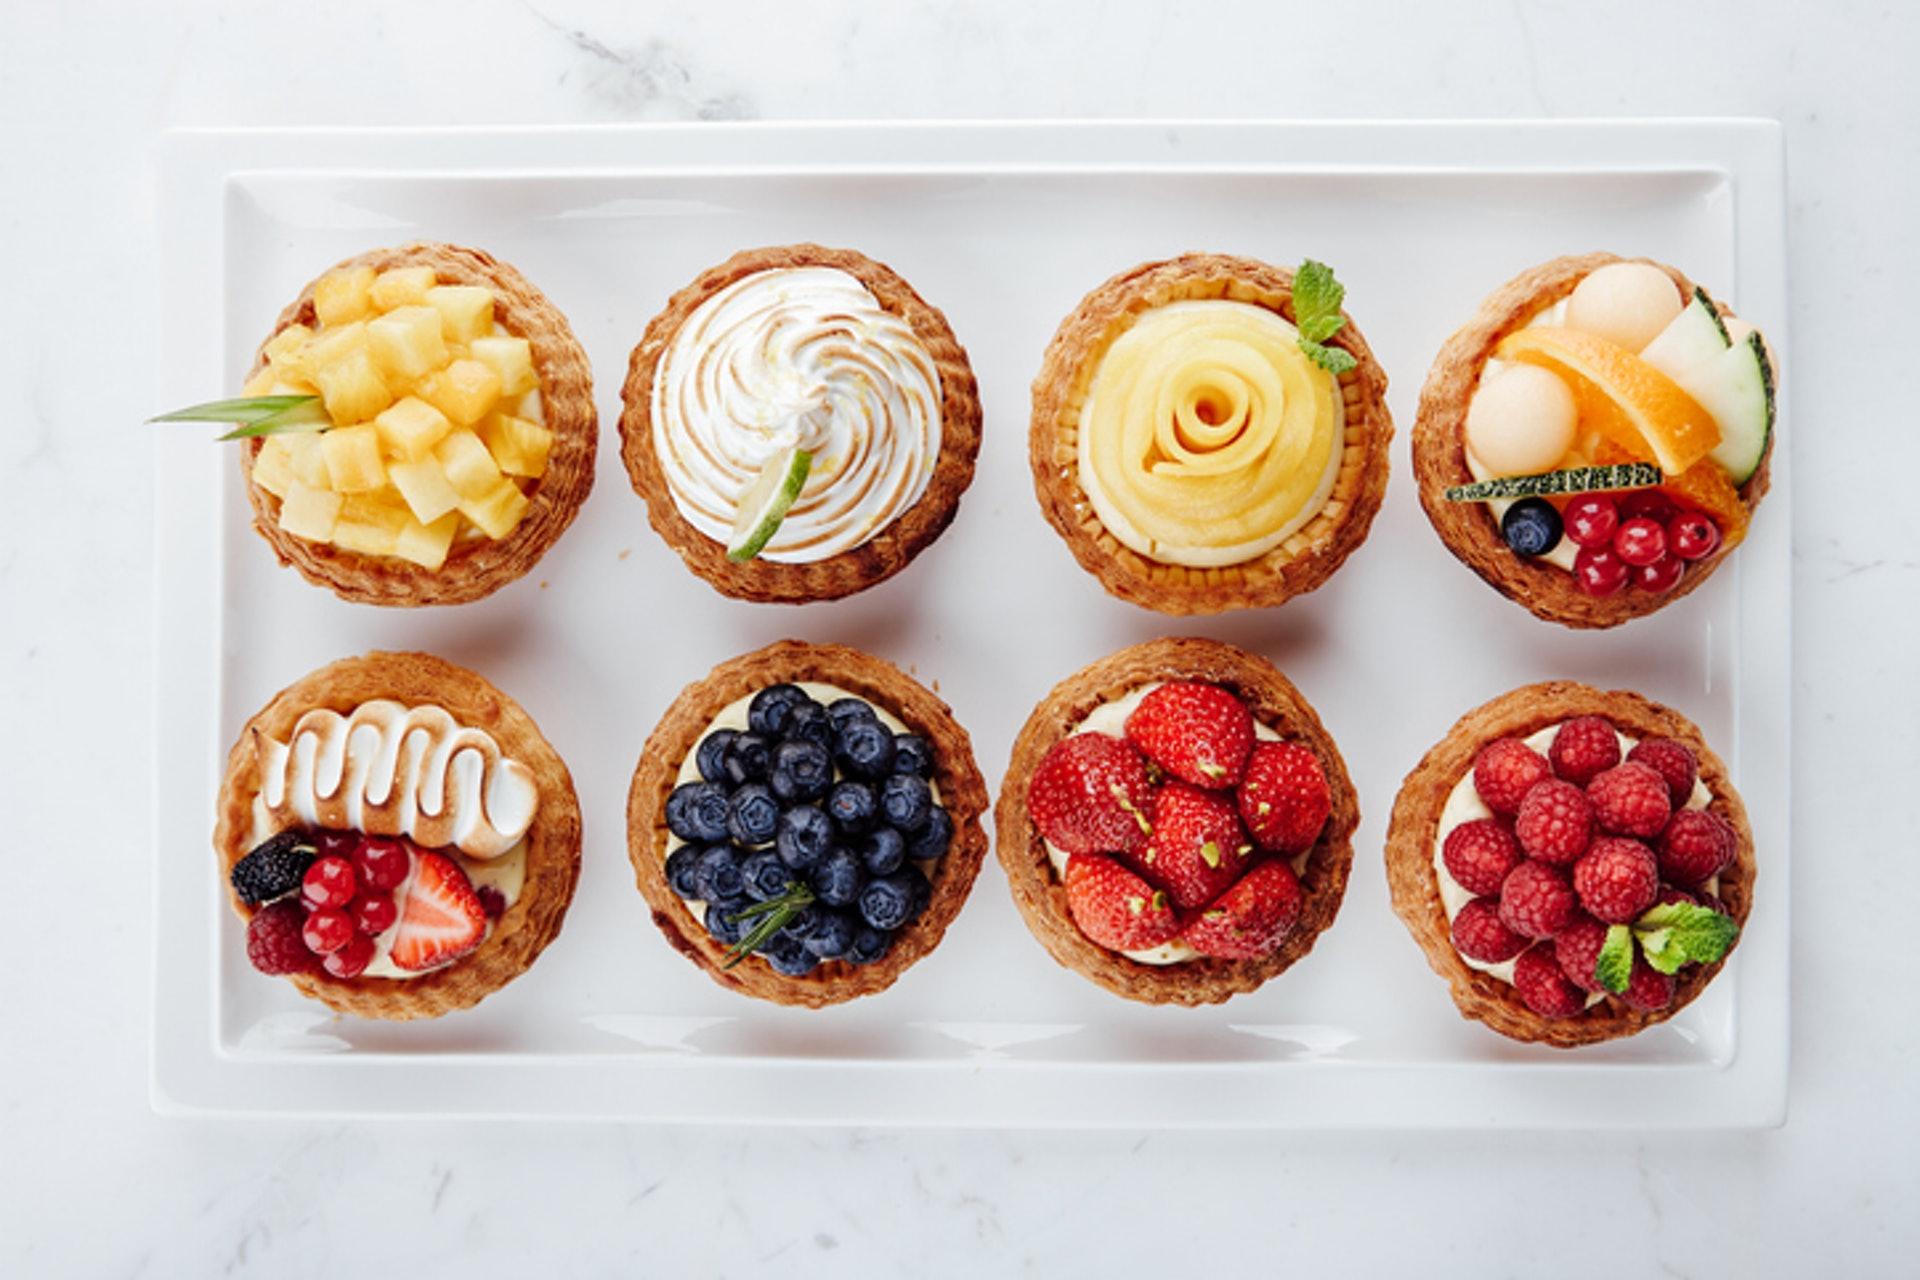 4.【果撻】(最高脂) 水果撻雖然含有營養豐富的水果,但製作過程中,都會添加糖分,餅底亦會含有不少牛油和忌廉或吉士醬,全部屬於高糖分及高脂肪食材。(GettyImages/VCG)